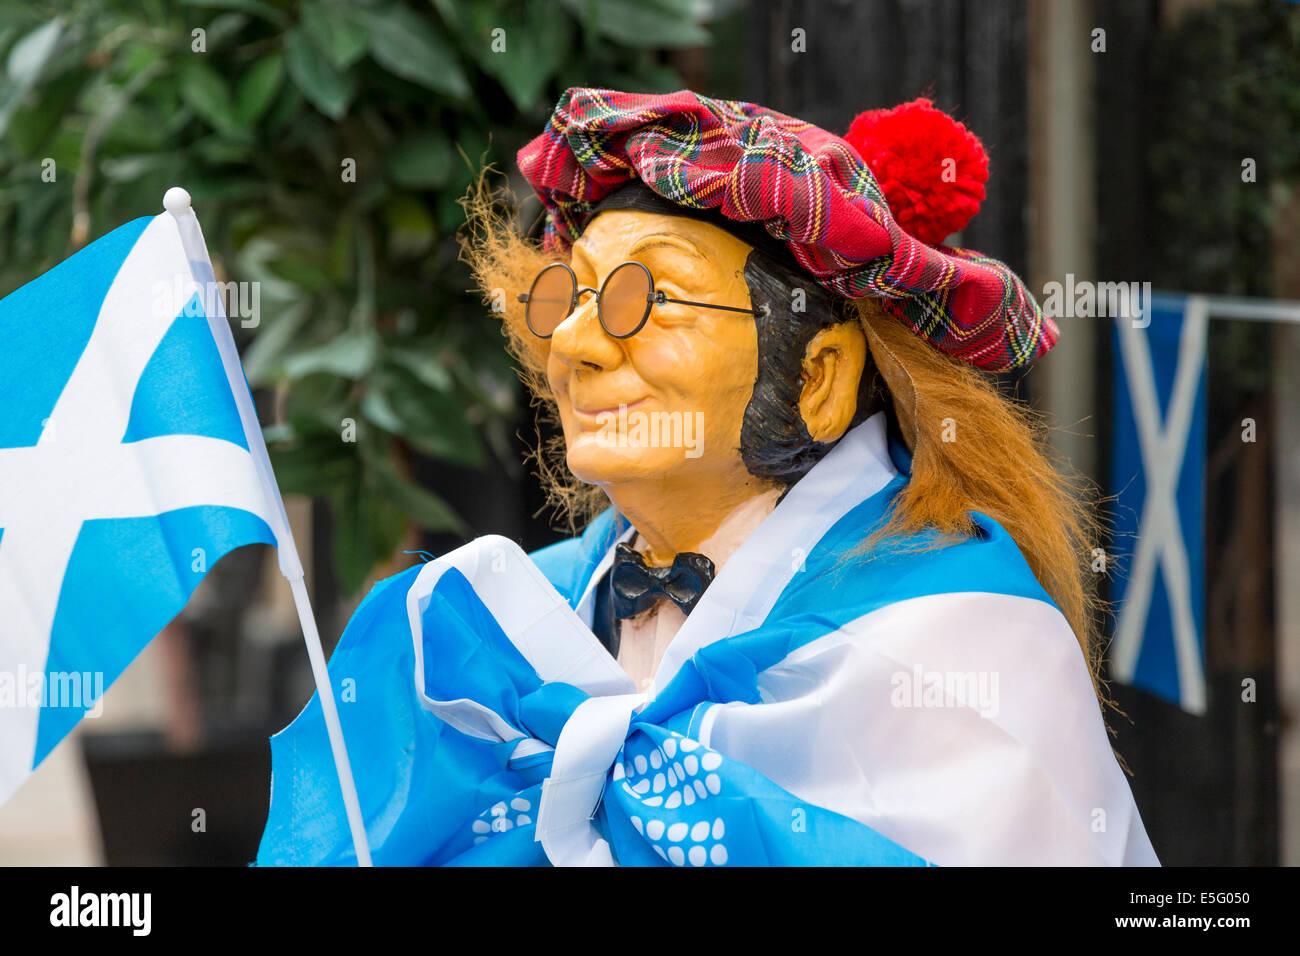 Pequeño maniquí de un hombre vestido con un sombrero de tartán, cubierto con una bandera Saltire Imagen De Stock